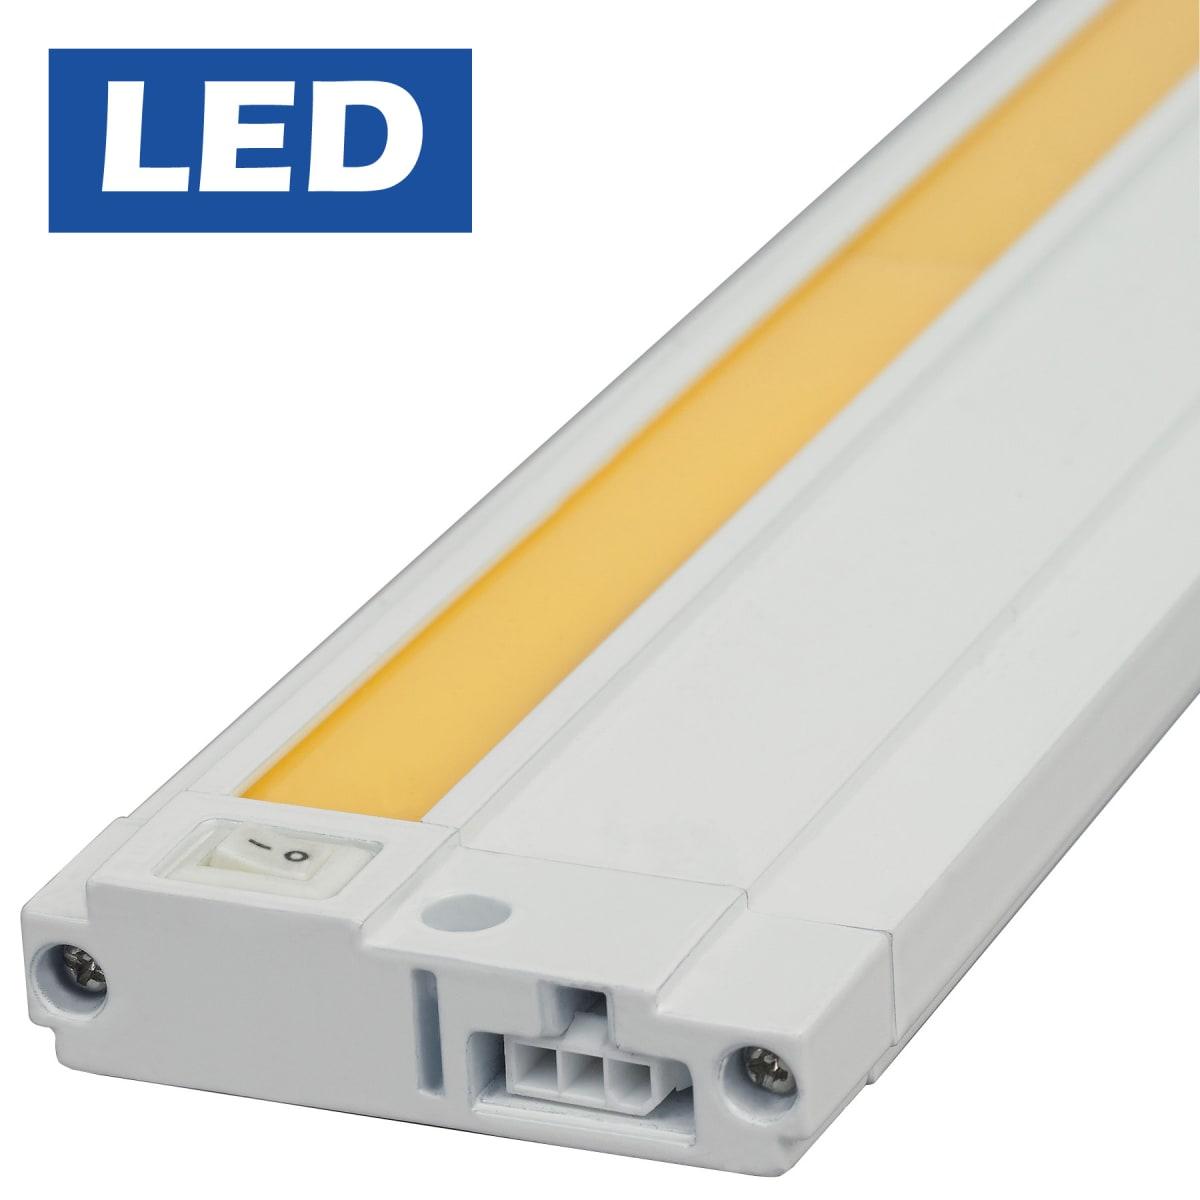 Tech Lighting 700ucf1393 Led